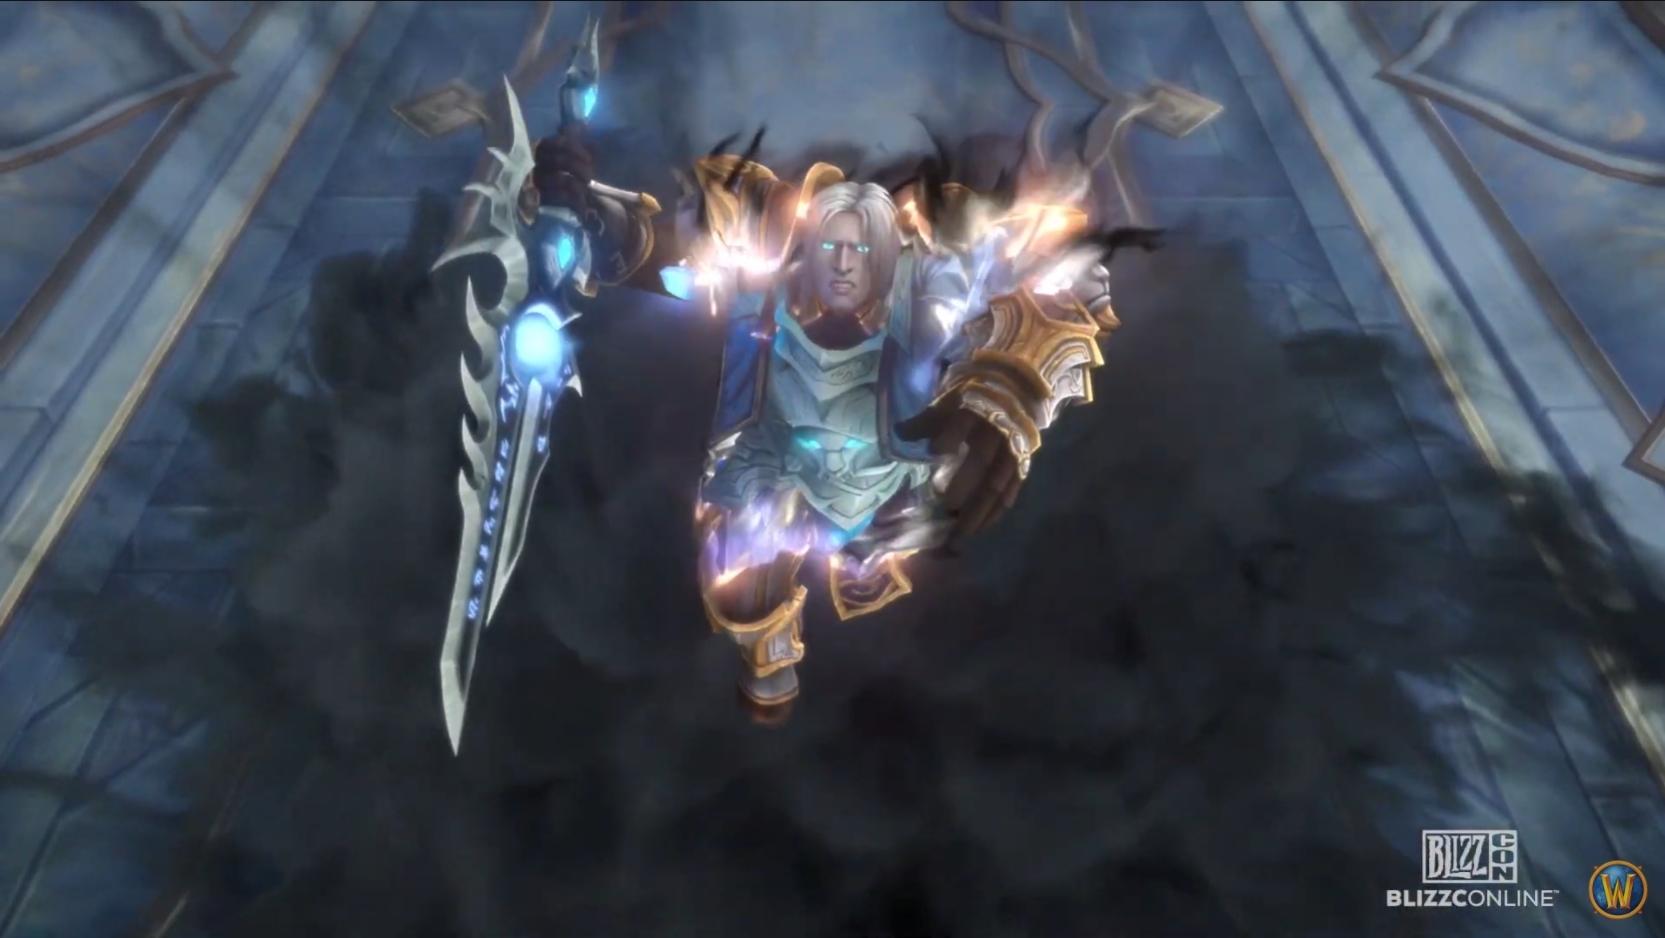 World of Warcraft: Lo que nos depara el futuro | Panel BlizzConline